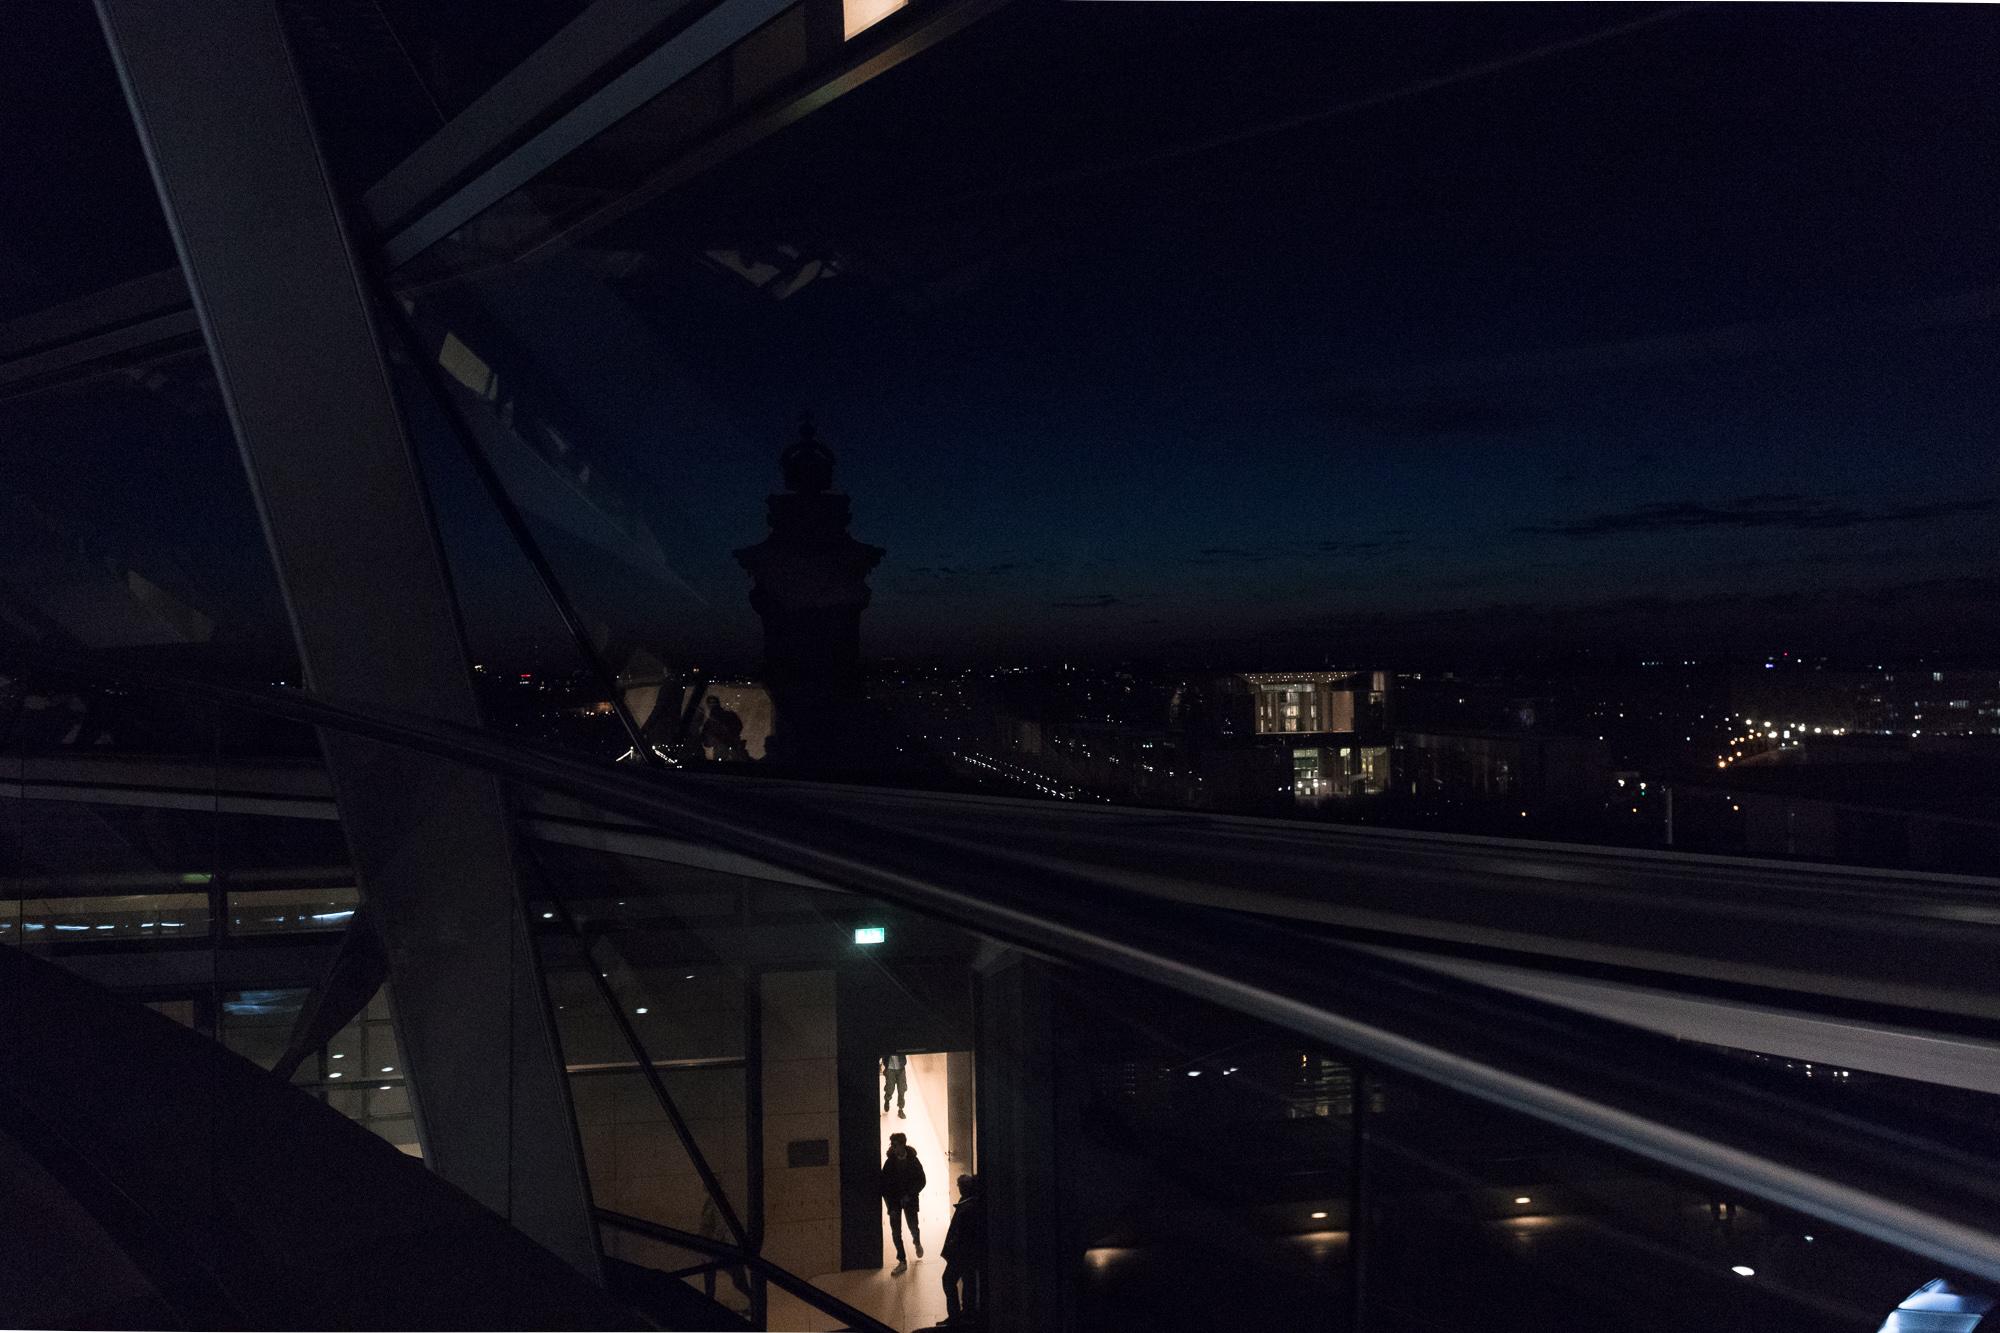 Vue sur Berlin de nuit depuis la coupole du Reichstag, Berlin